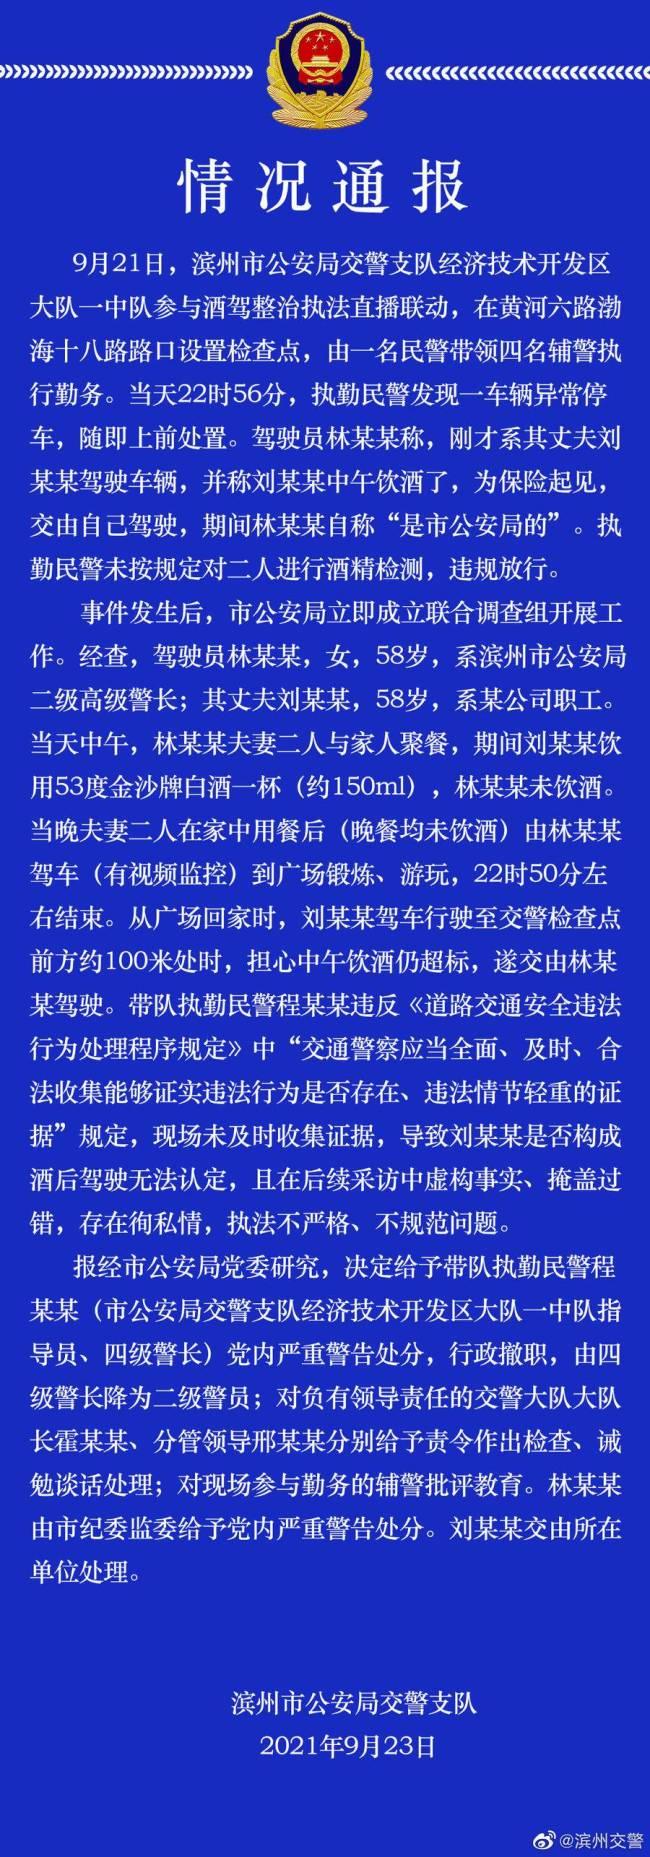 """滨州交警通报""""查酒驾执法过程存在漏洞"""":多人被处理"""